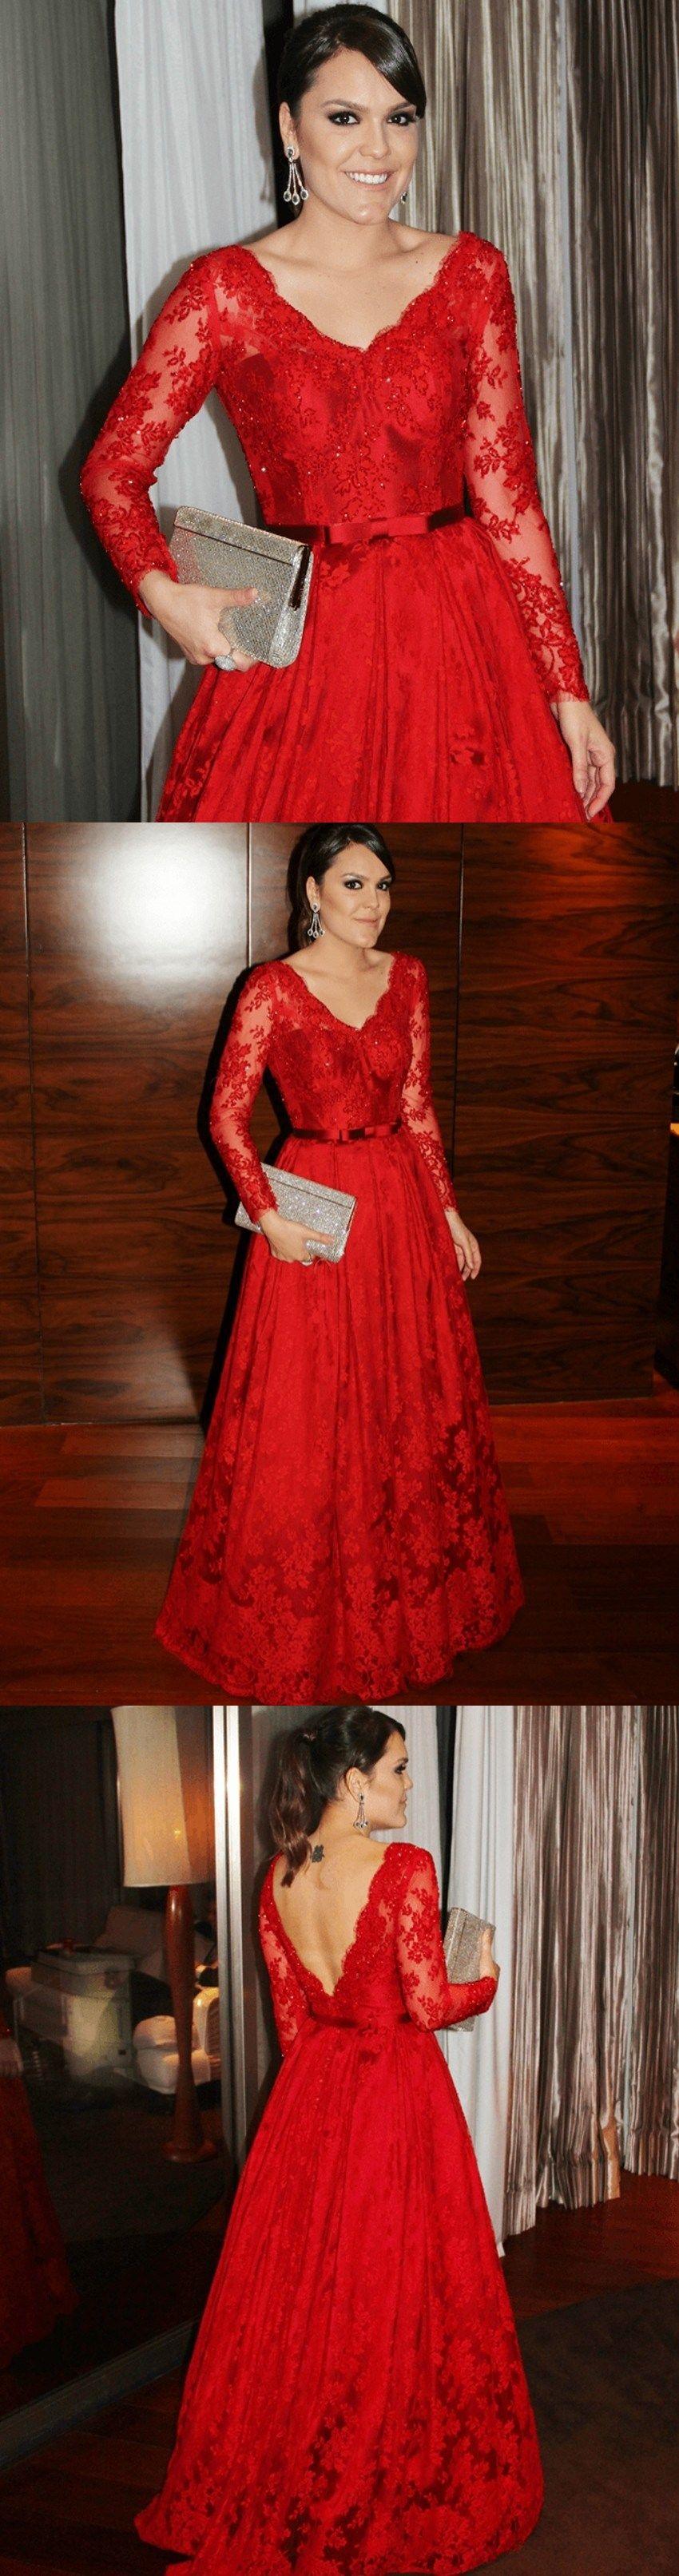 Elegant vneck lace applique red prom dress belt long sleeves beads